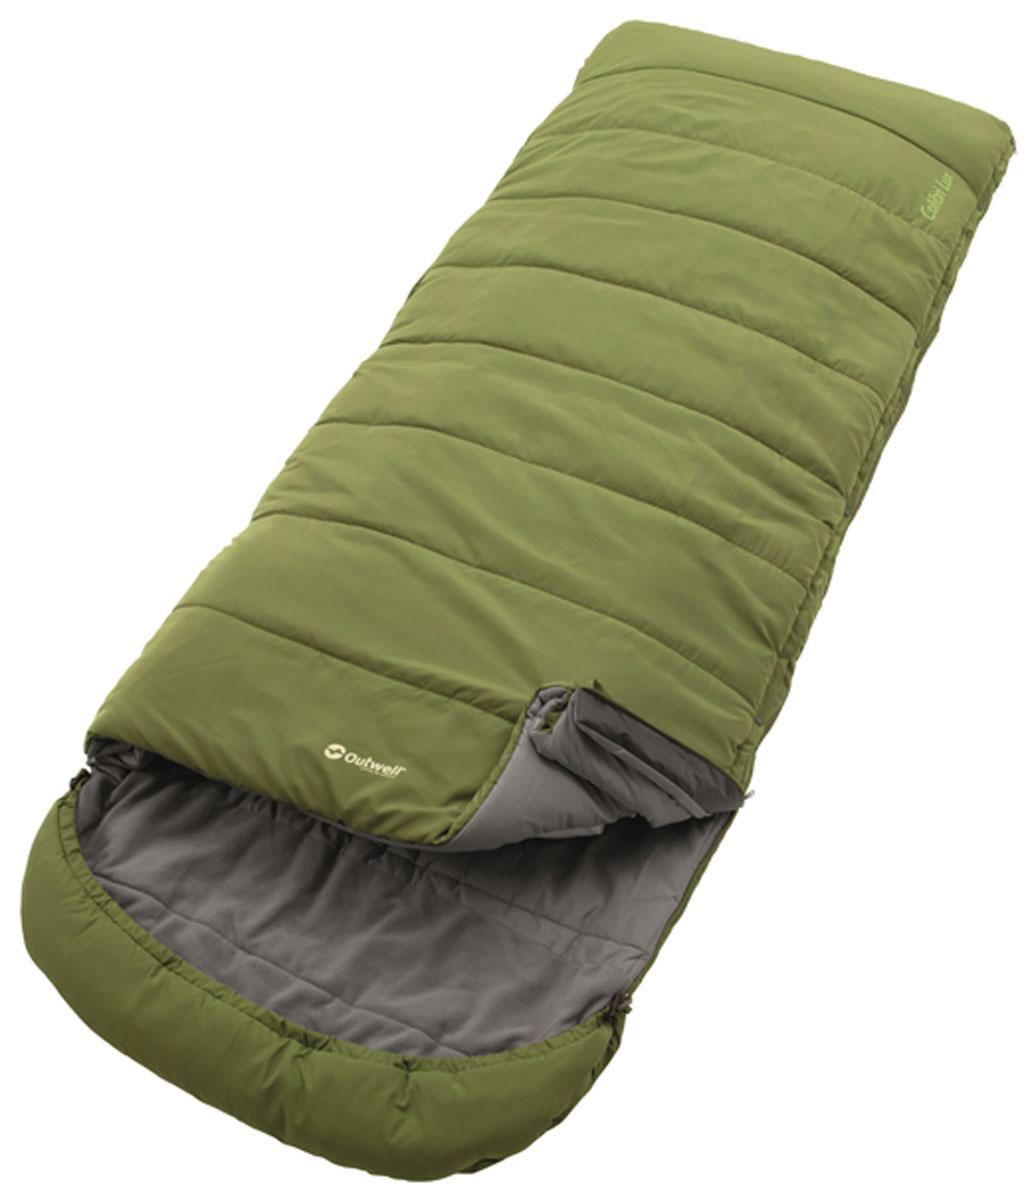 Спальный мешок-одеяло Outwell Colibri Lux, с подголовником, правосторонняя молния, цвет: зеленый, 215 х 80/100 см